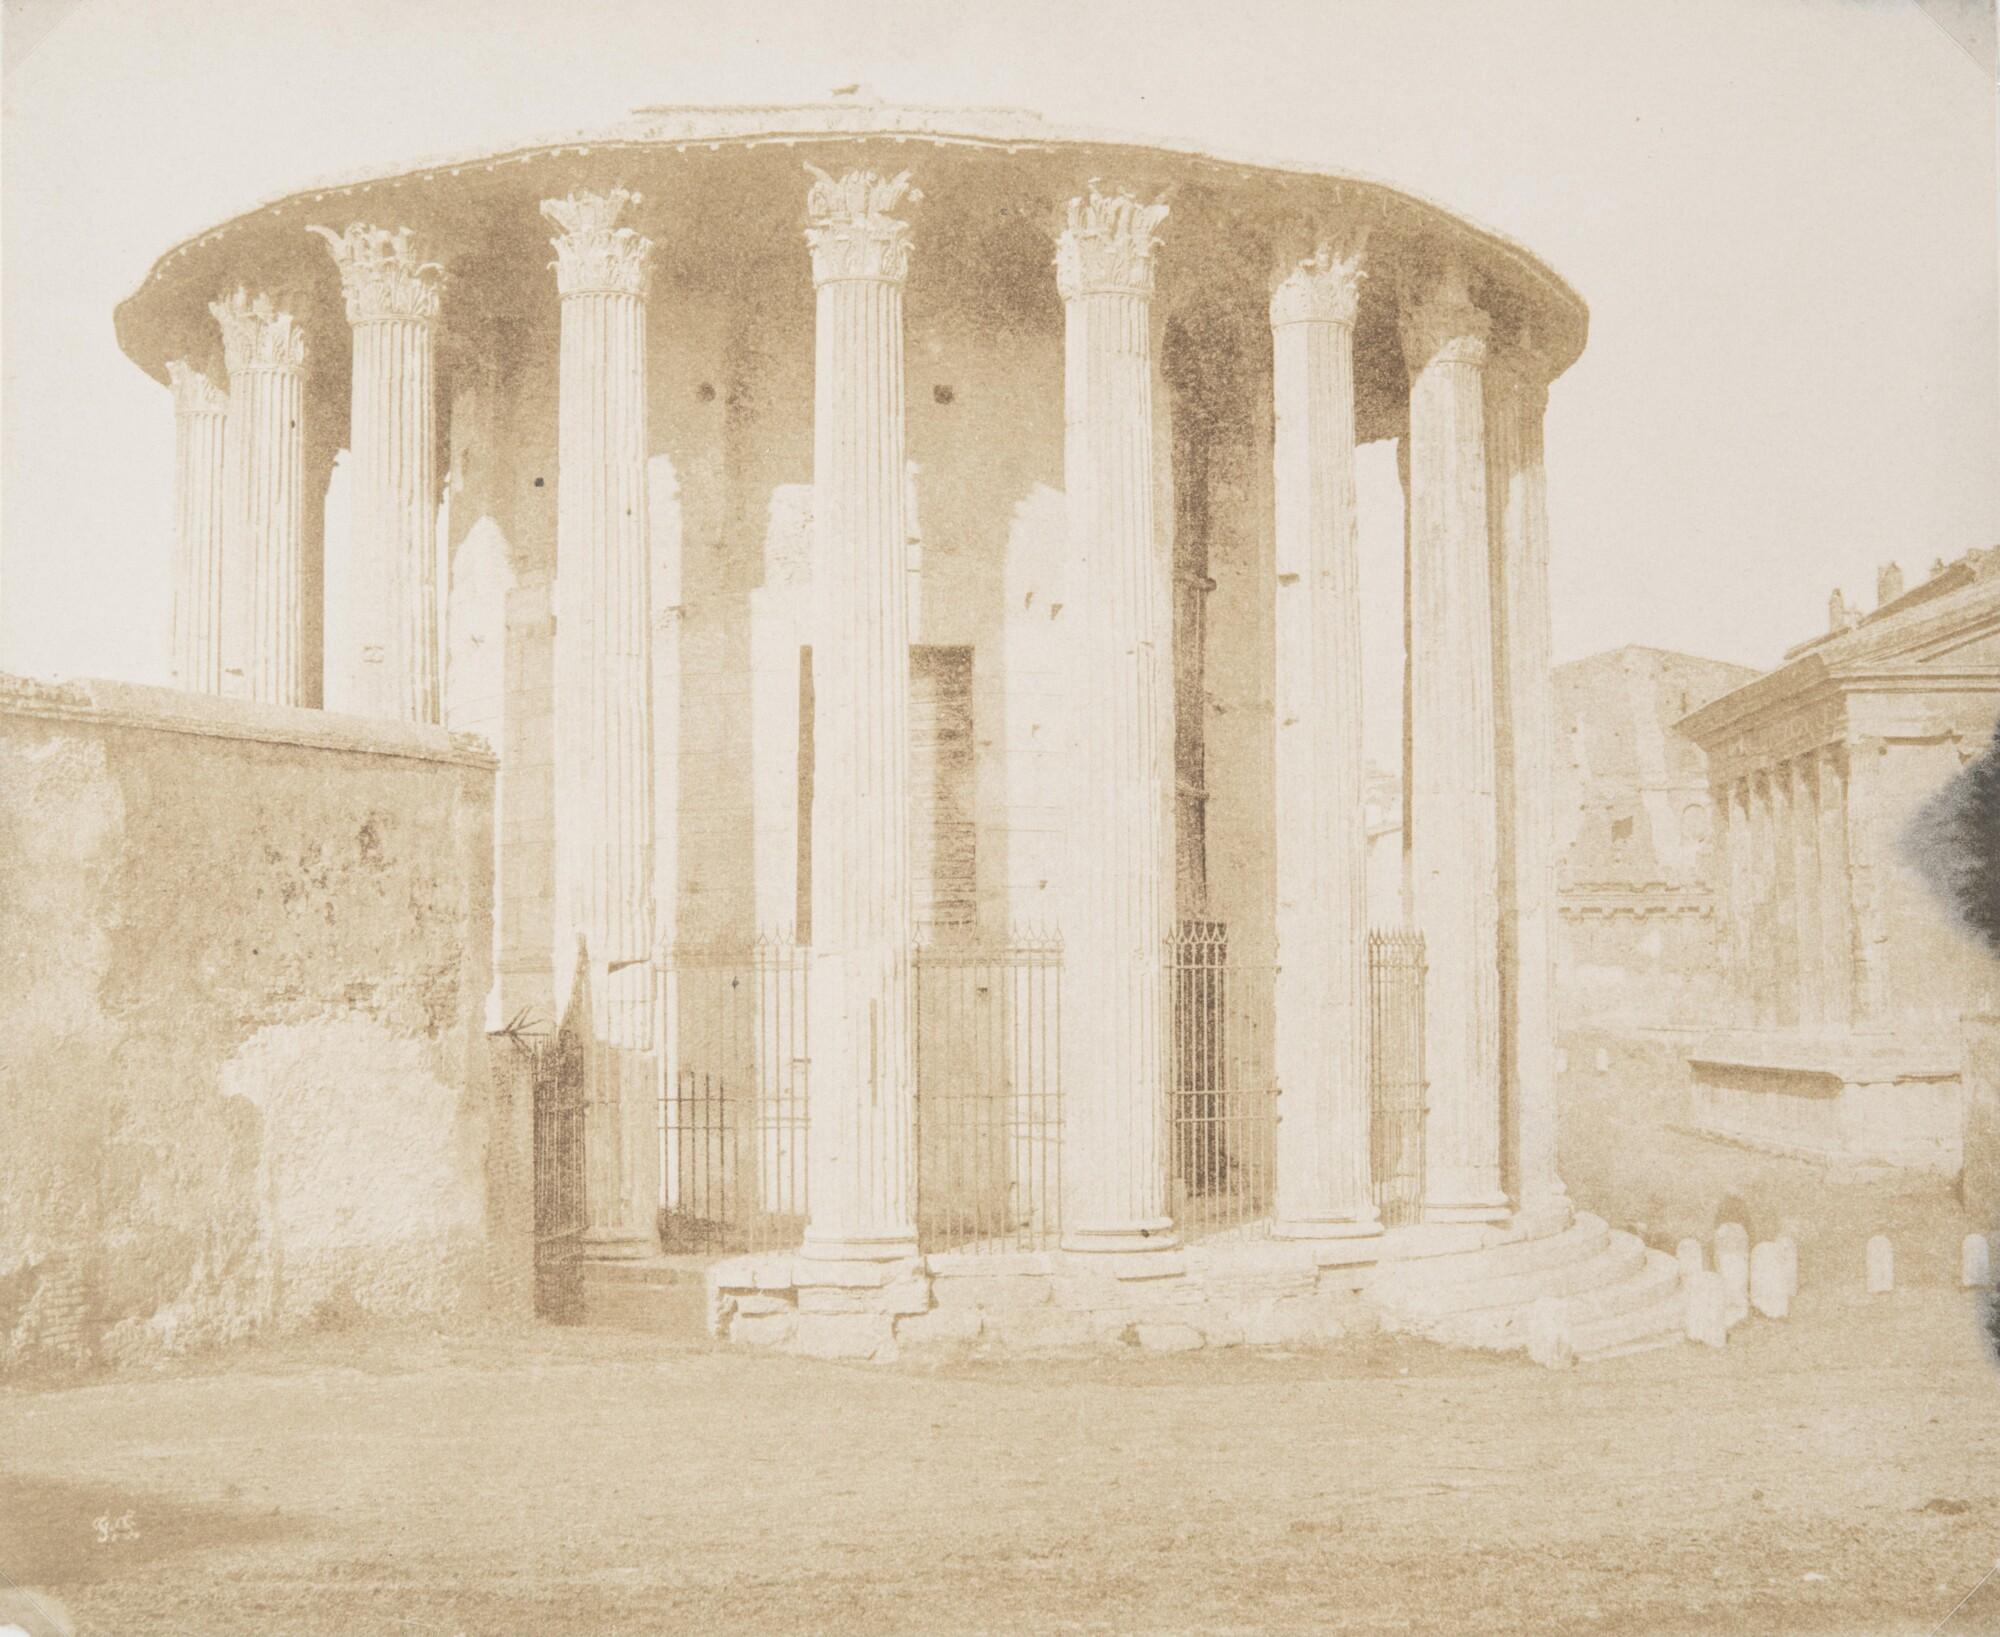 Фредерик Флашерон.    Храм Геркулеса на Бычьем форуме,1848–1850   Отпечаток на соленой бумаге